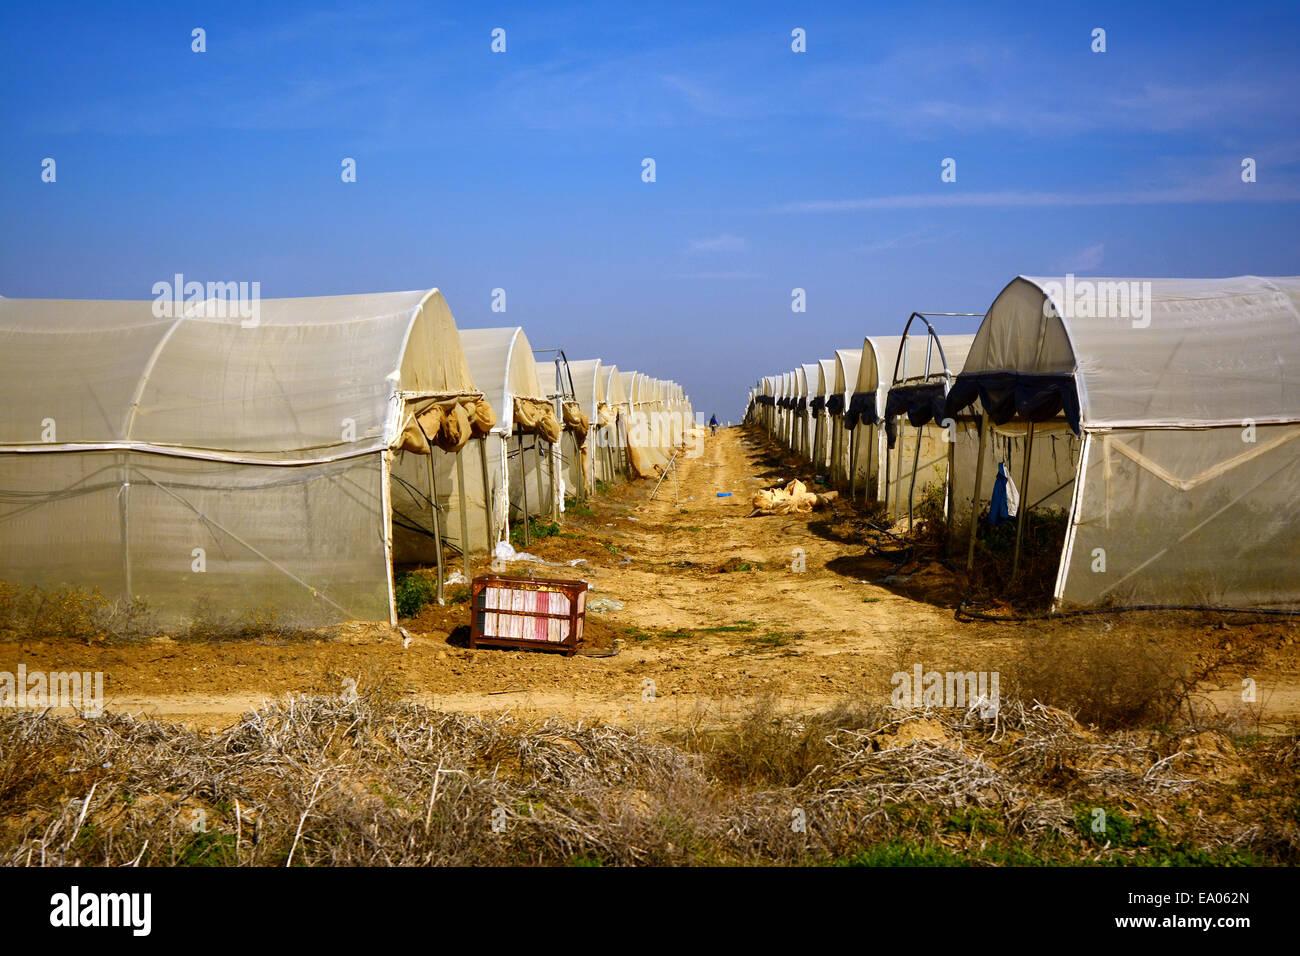 Landwirtschaft im Negev, Israel Stockbild